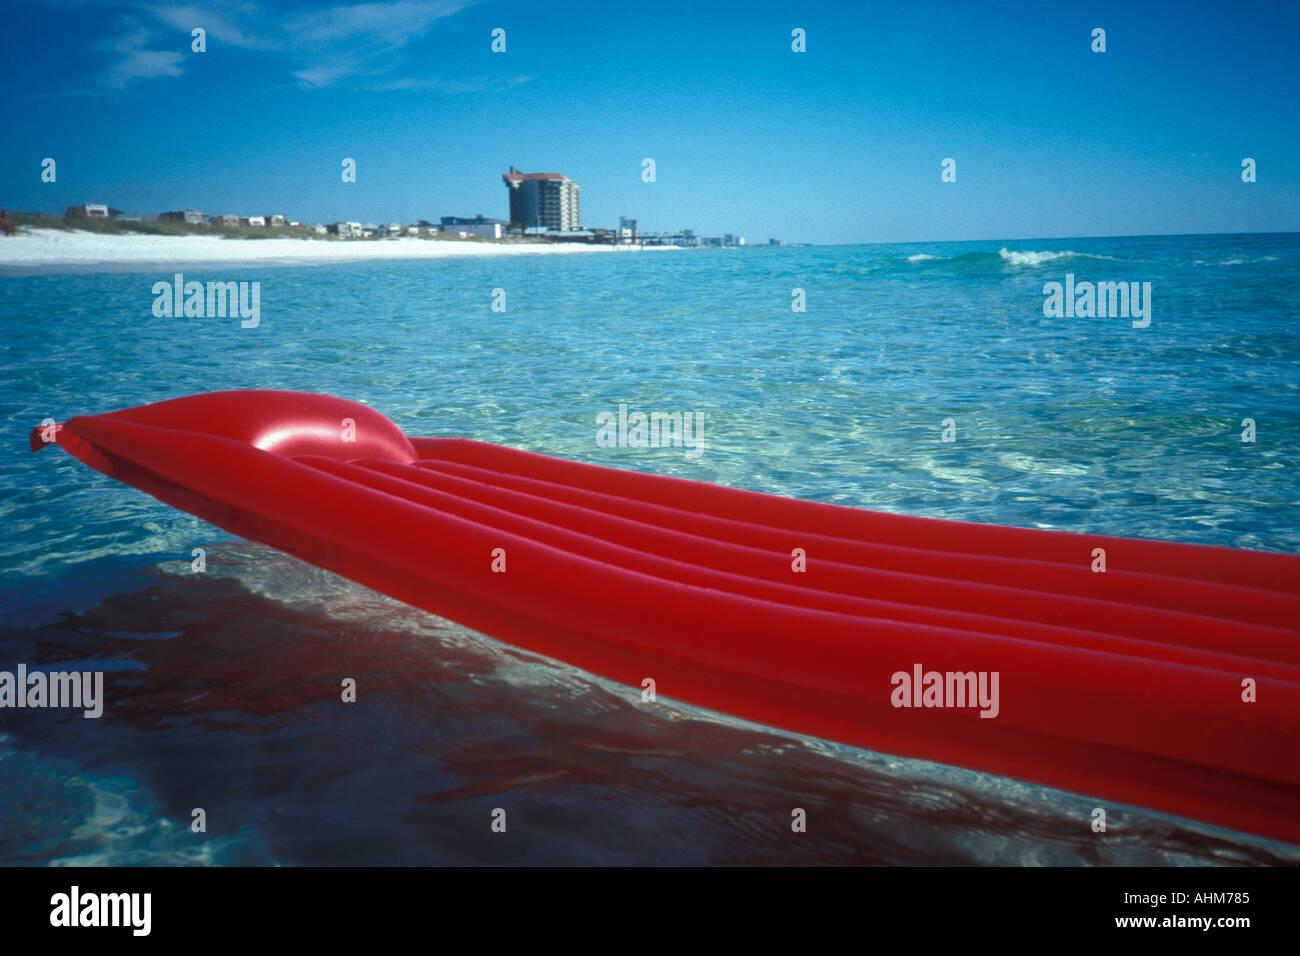 Floating - Stock Image